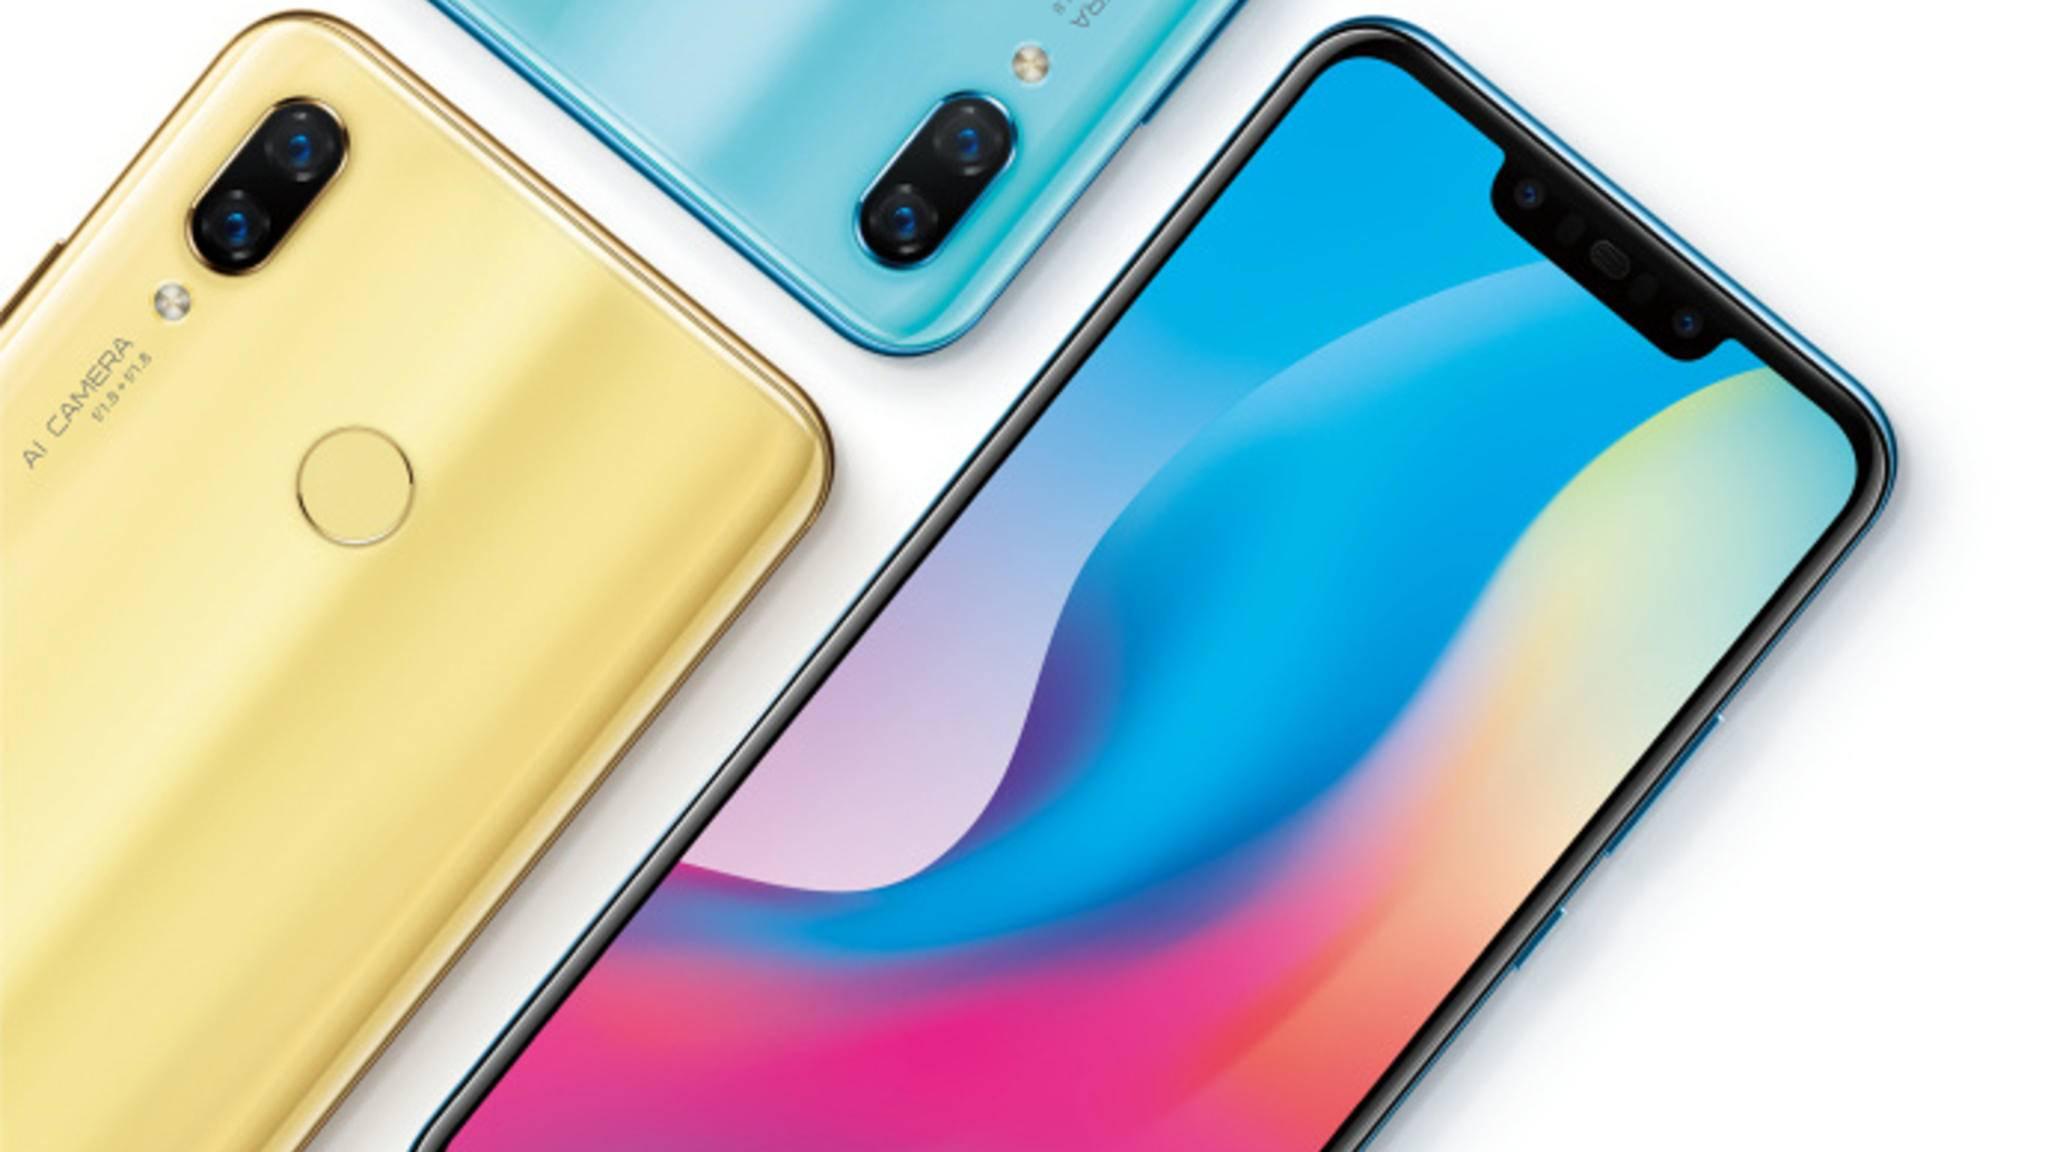 Das Huawei Nova 3 wird in der kommenden Woche in China vorgestellt.